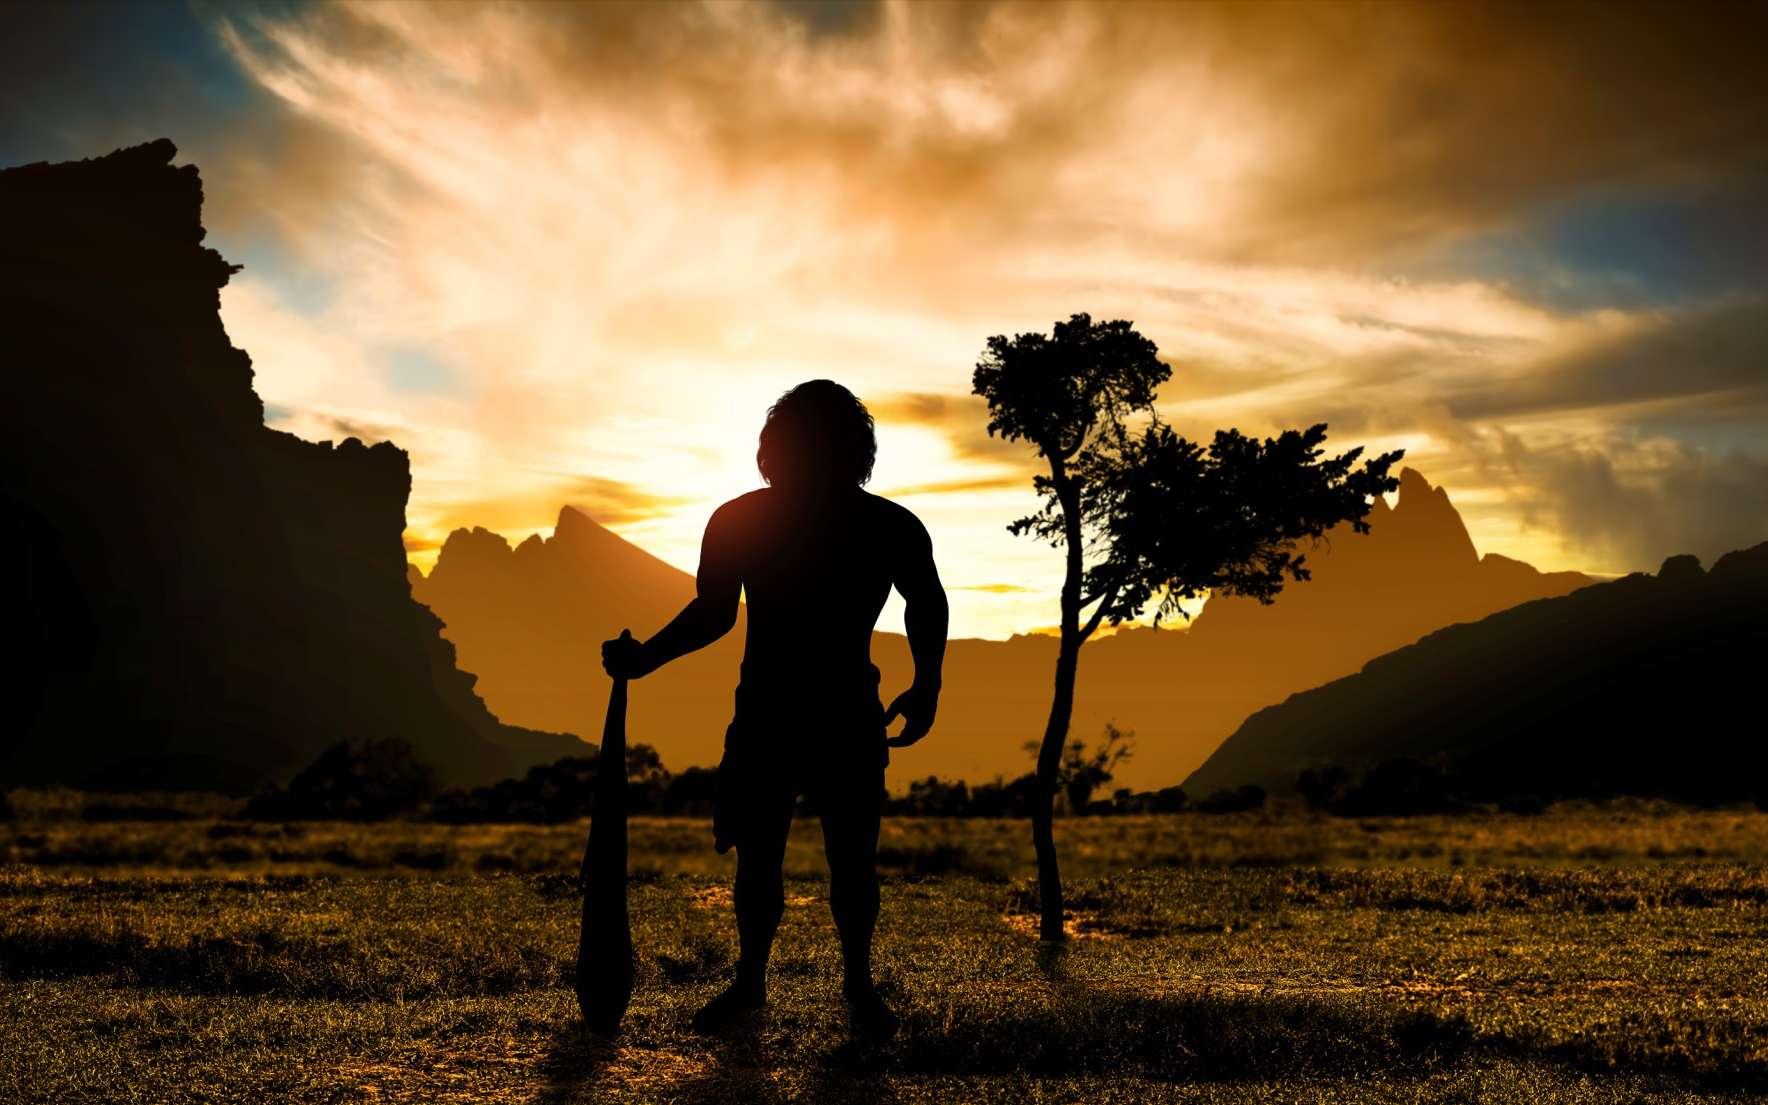 Des empreintes humaines vieilles de 120.000 ans ont été découvertes en Arabie saoudite. © ginettigino, Adobe Stock